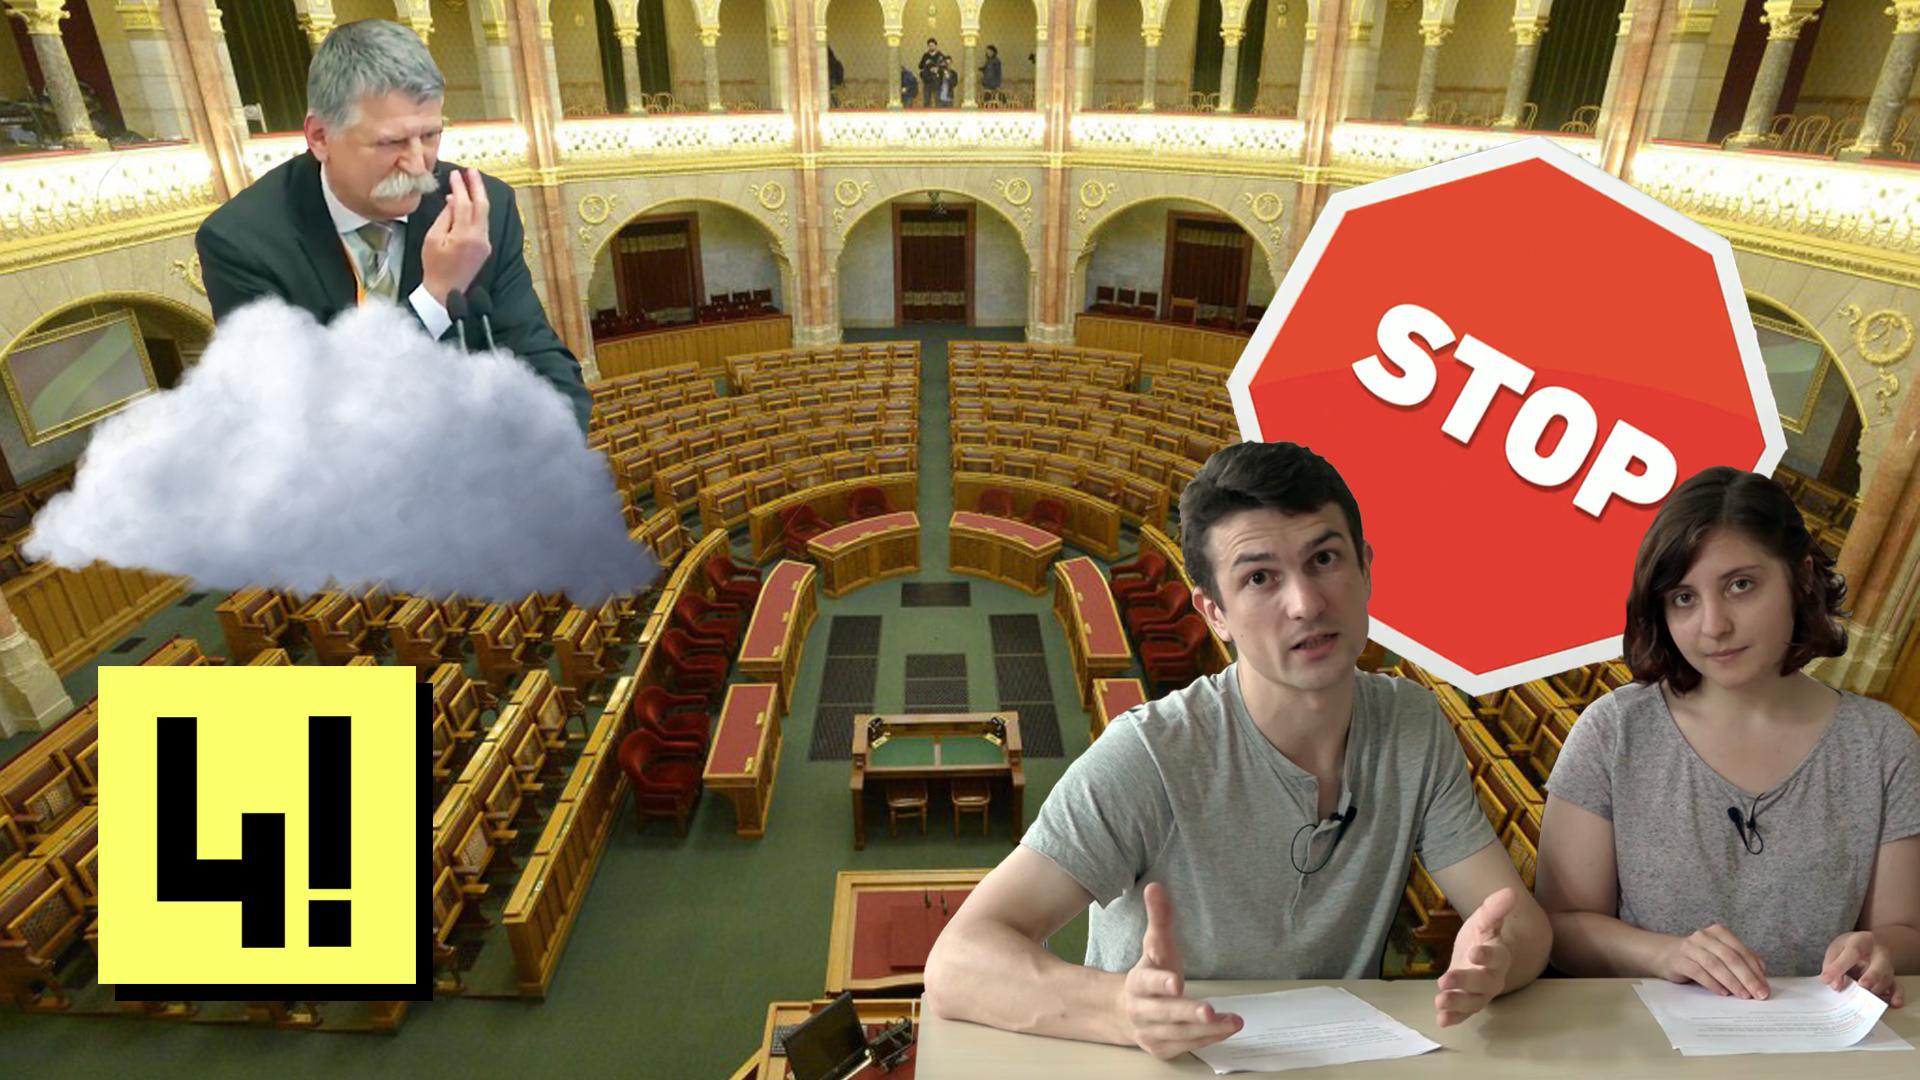 Látványosan unatkozó képviselők feje felett döntenek civilek bebörtönzéséről a Parlamentben